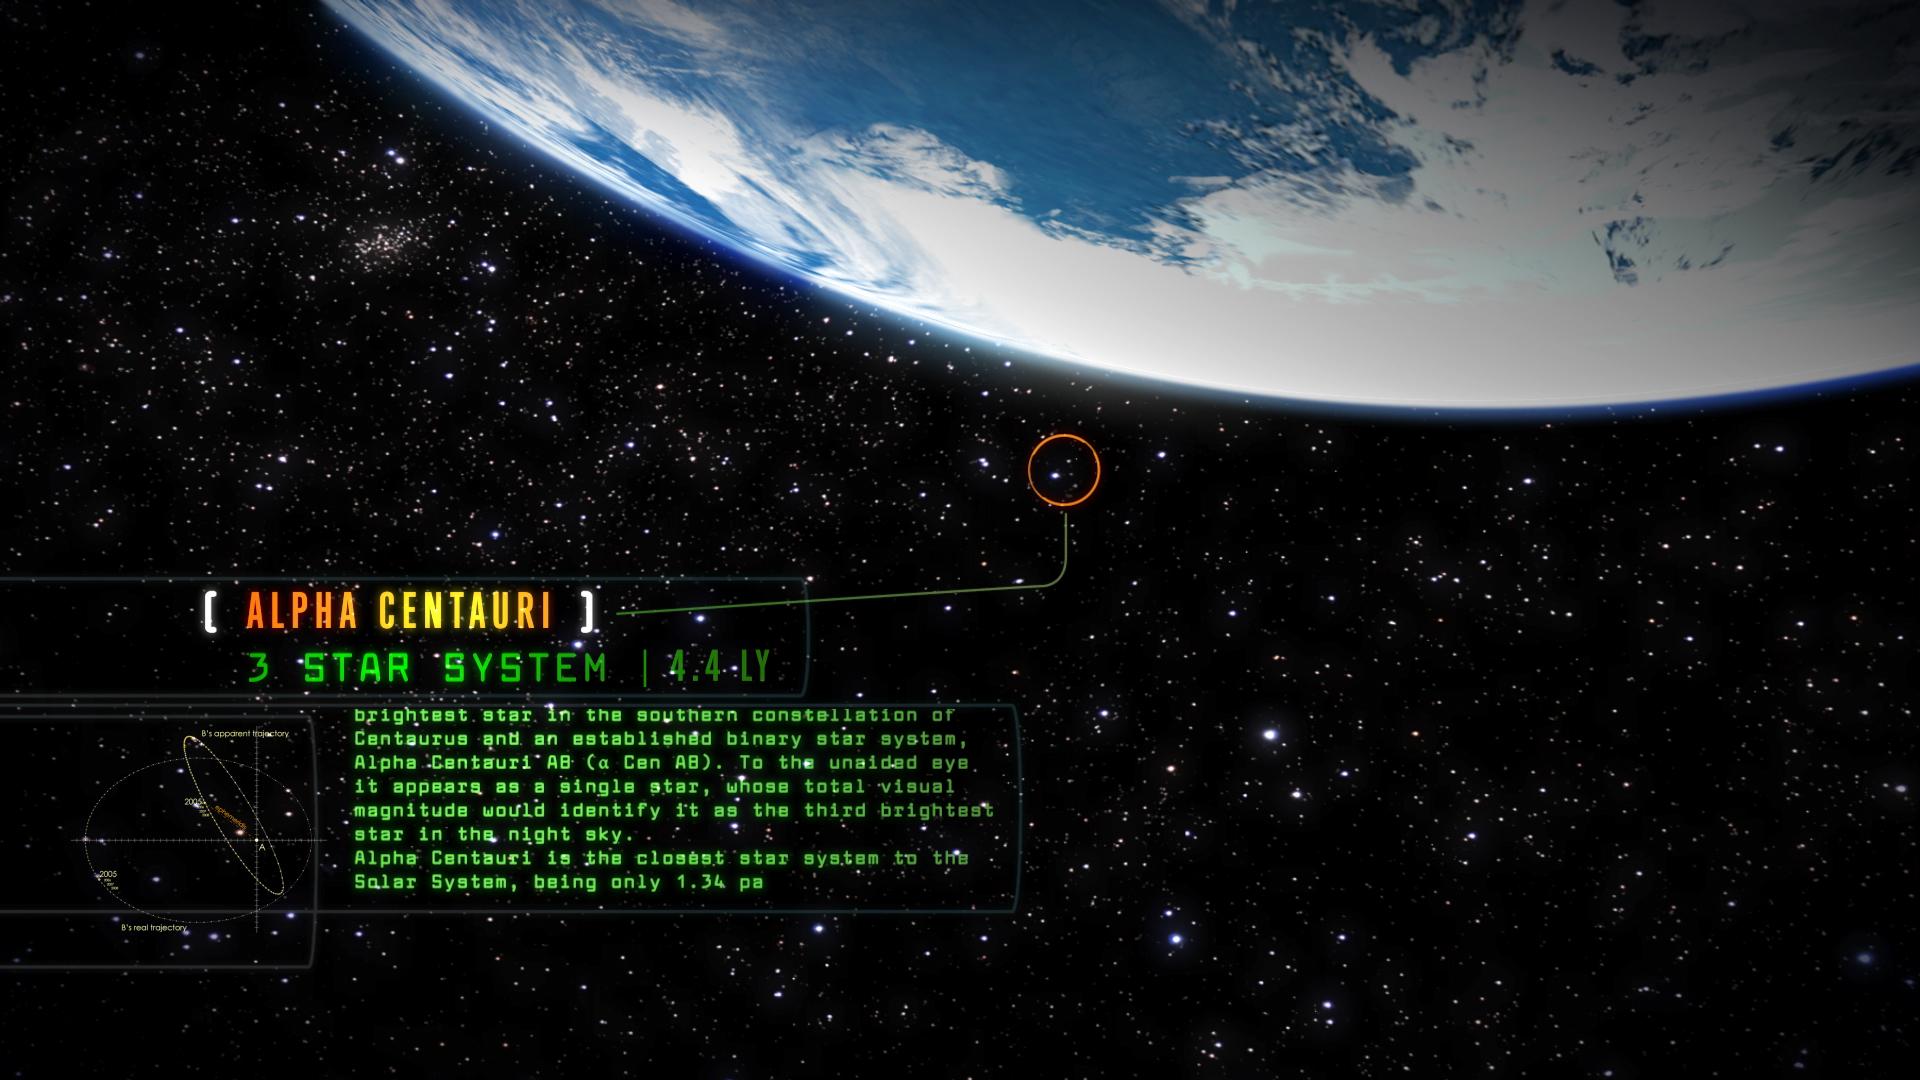 AVA_pndra3d_v9_HDFF-VL (00133).jpg